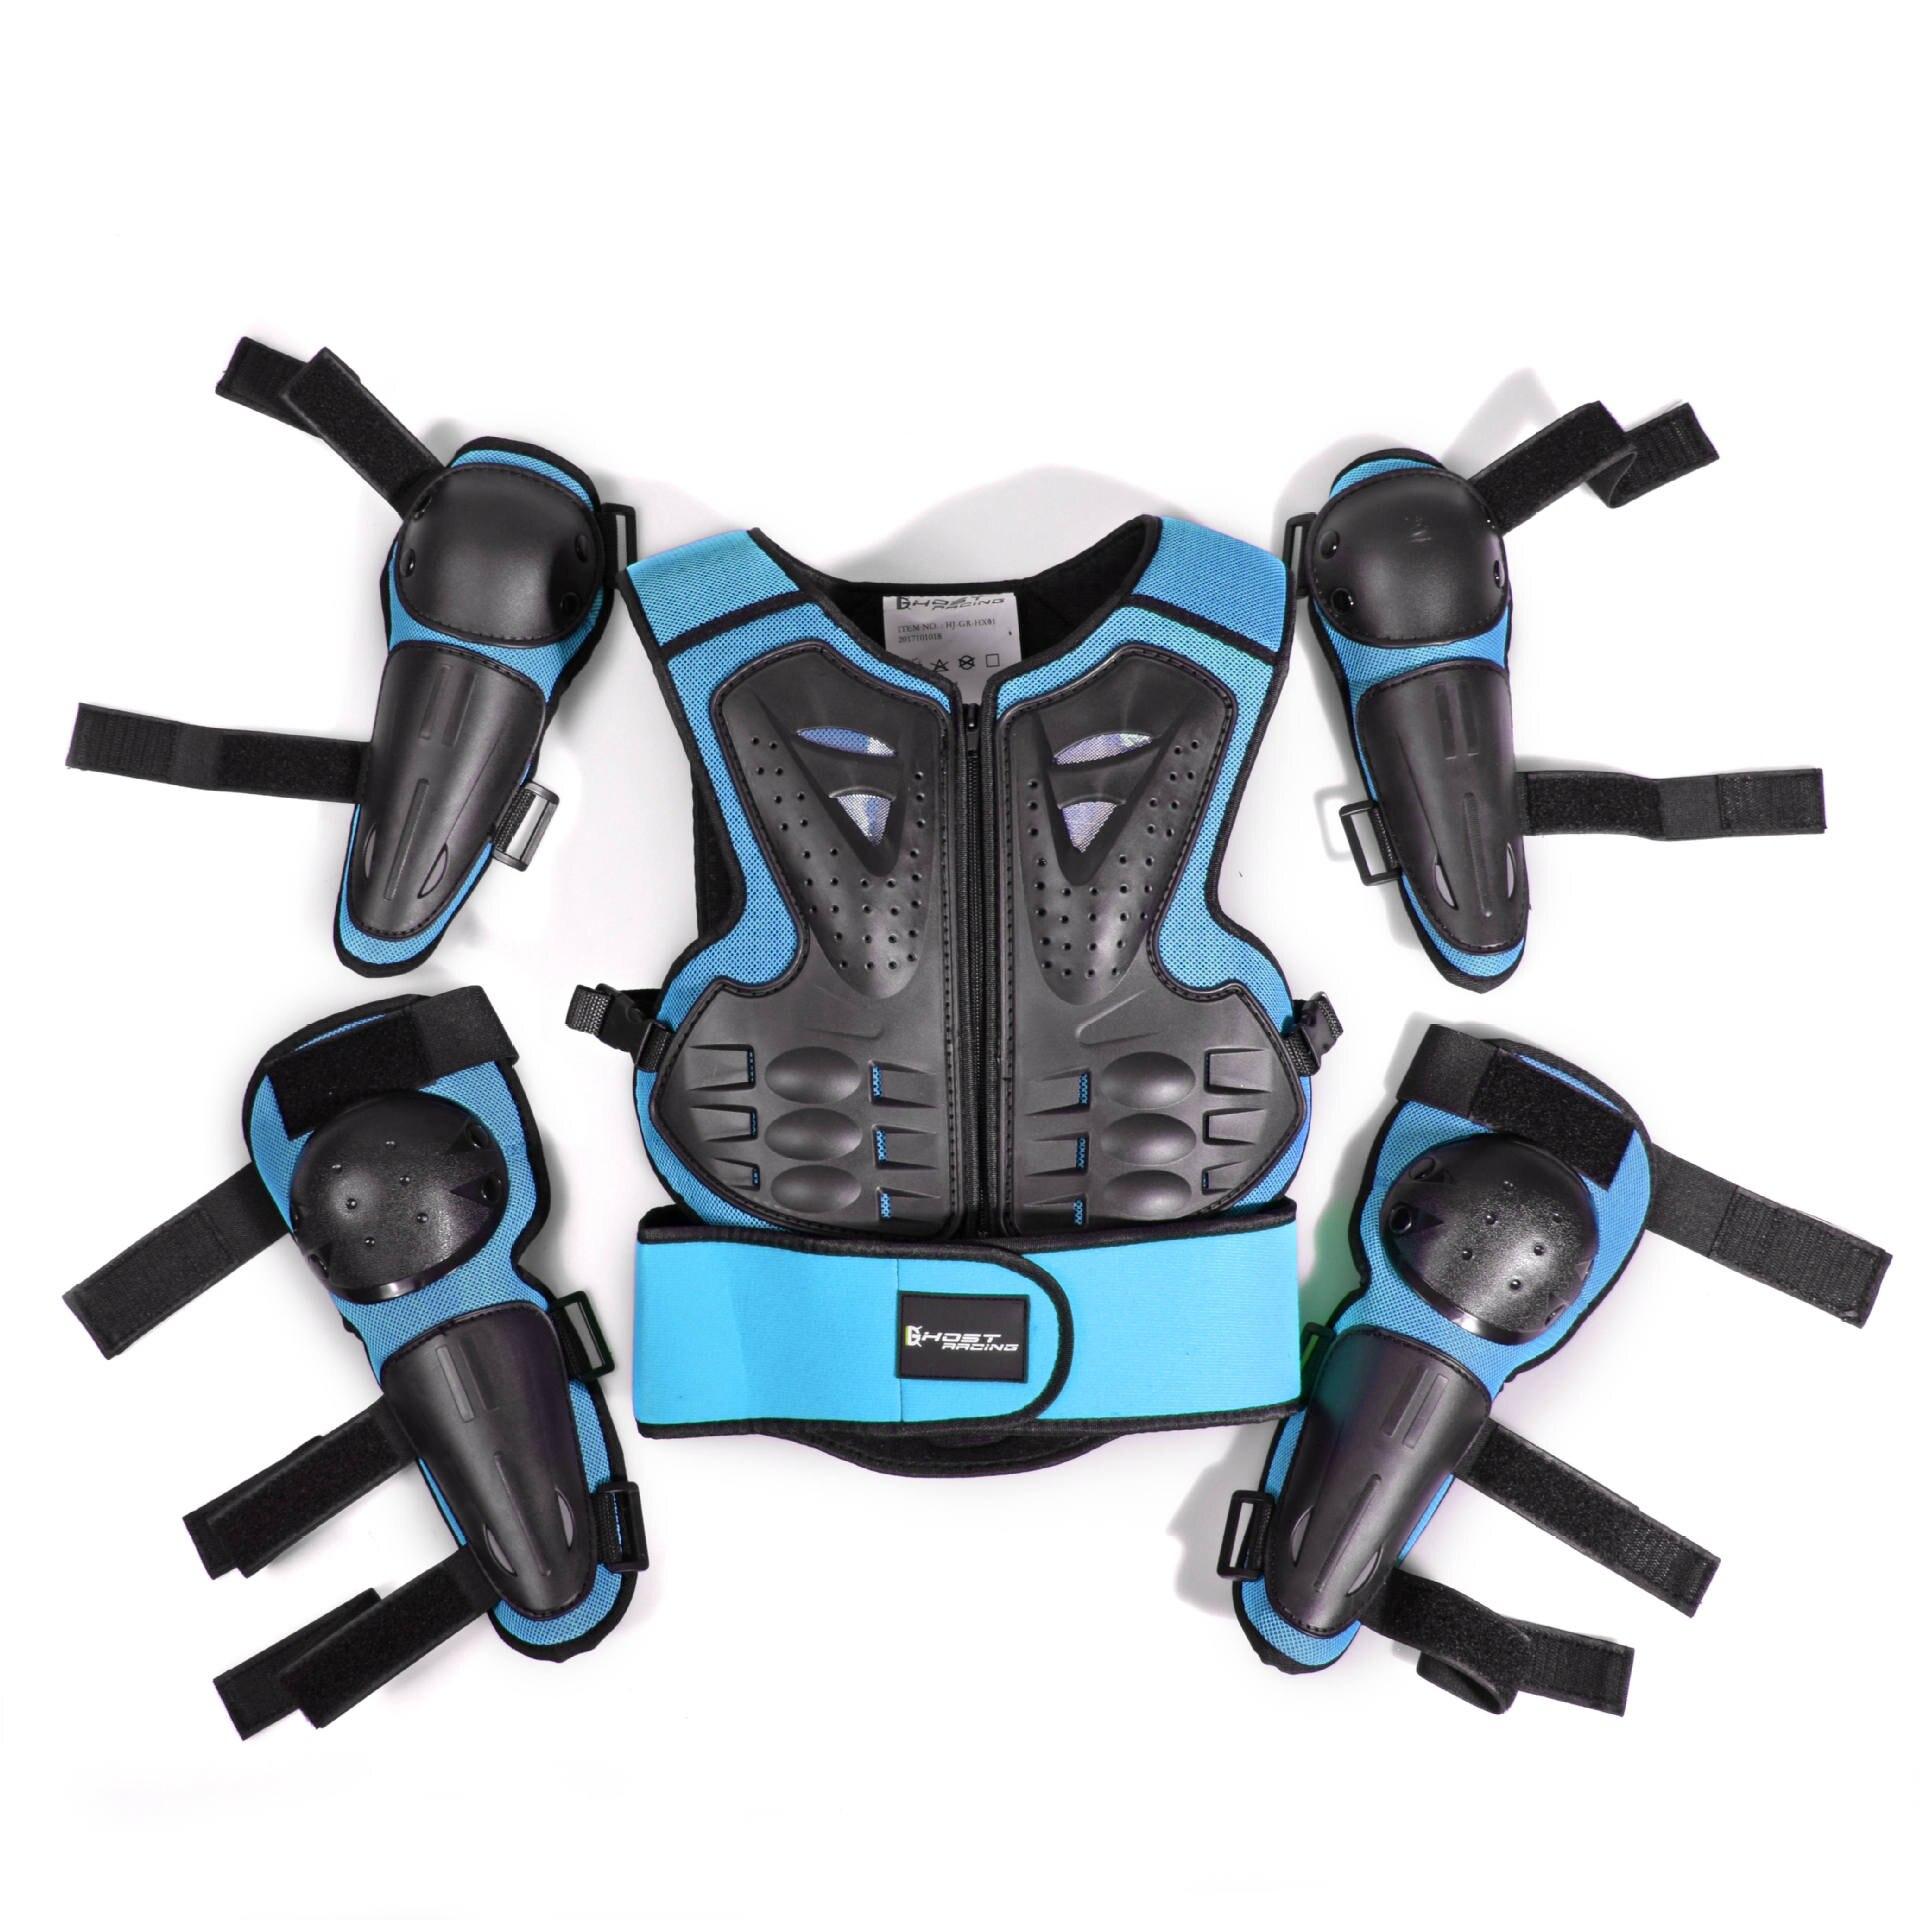 オートバイのジャケット子供乗馬保護アーマーバイクモトクロス機器レーシングボディアーマーサイズ用 Ptotective 年齢 5 12  グループ上の 自動車 &バイク からの ジャケット の中 1